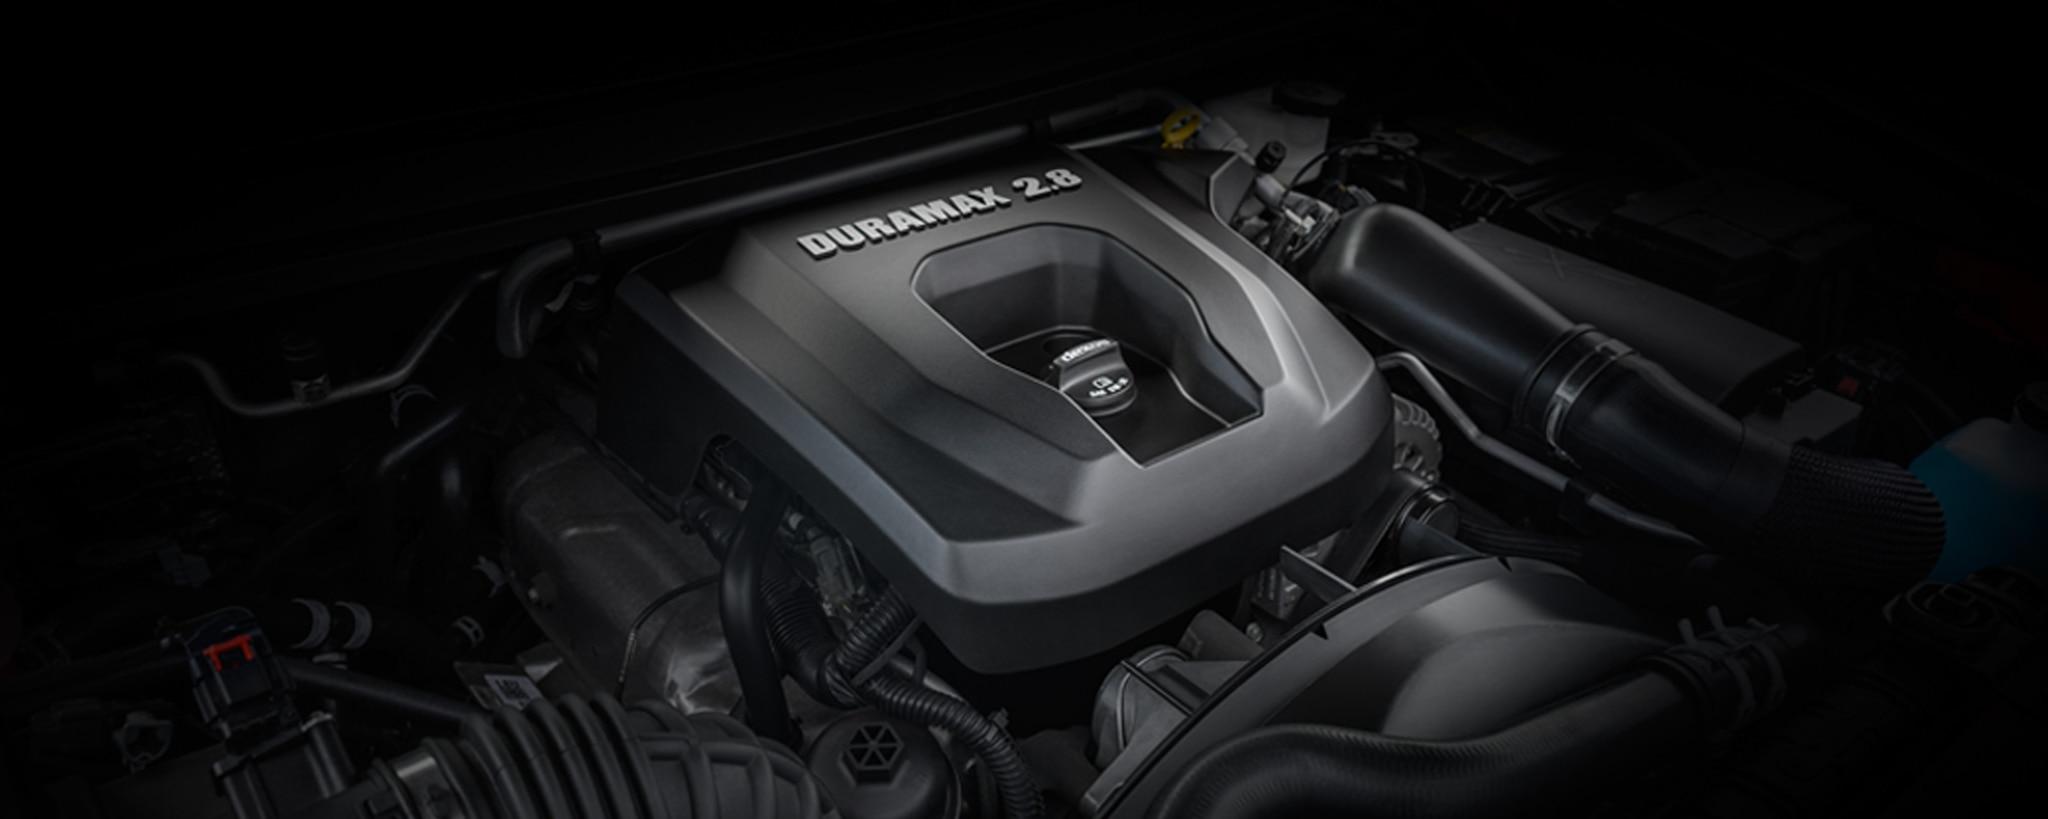 Camioneta comercial de trabajo Colorado 2020: Motor Duramax Turbo-Diesel de 2.8 L